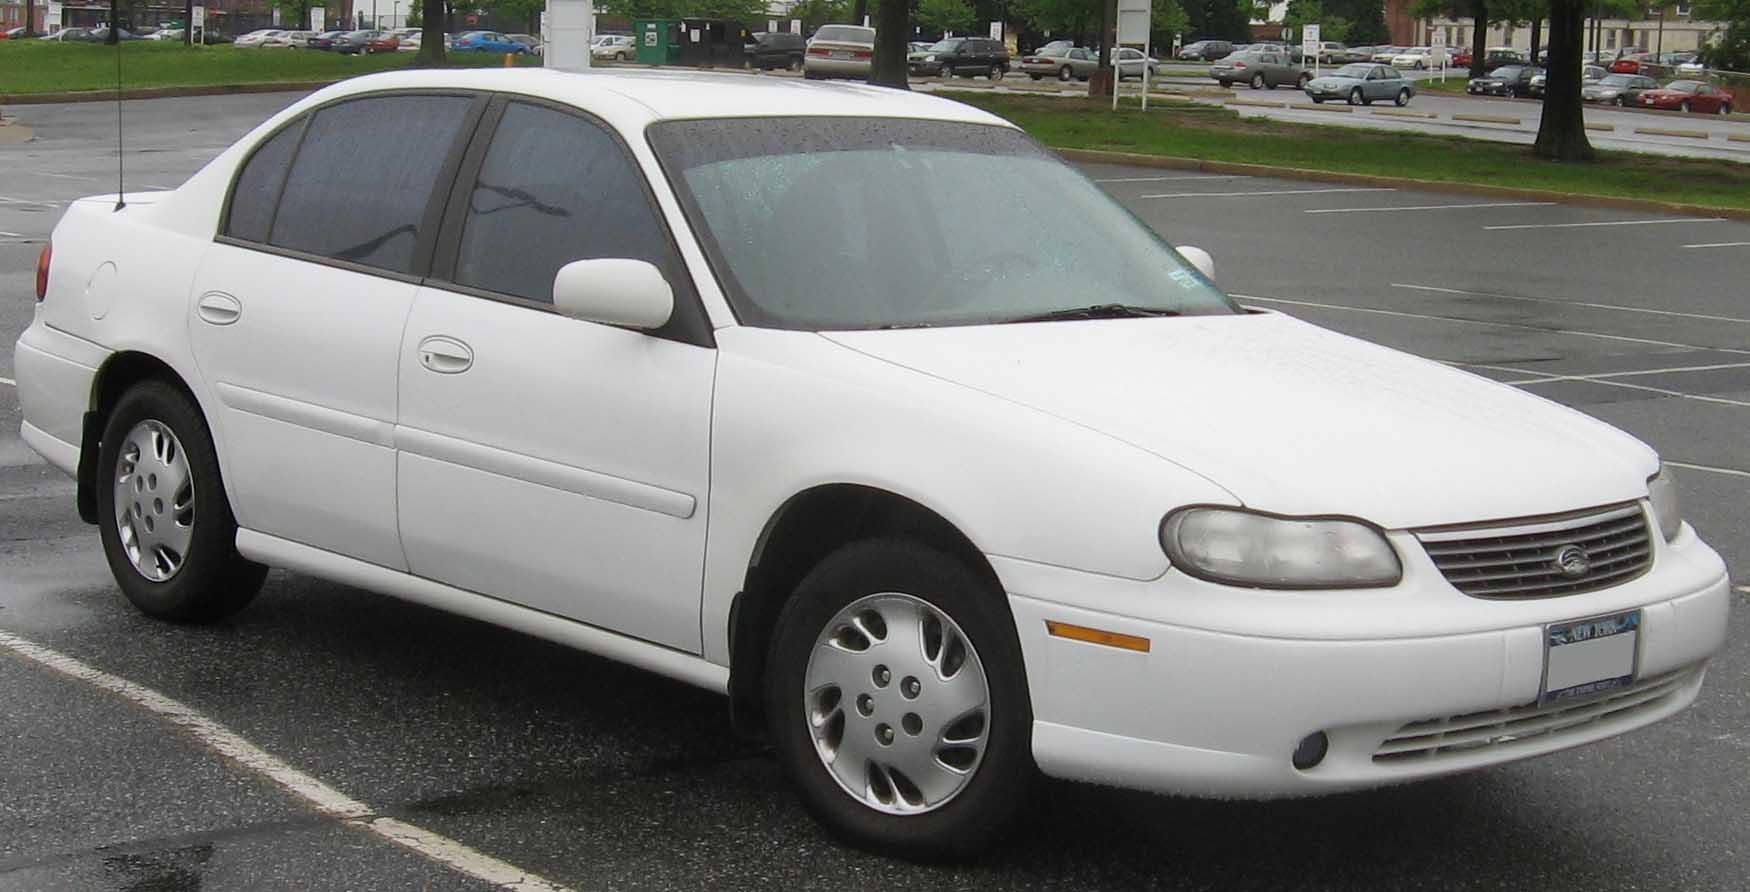 Malibu 97 chevy malibu : File:Chevrolet-Malibu.jpg - Wikimedia Commons